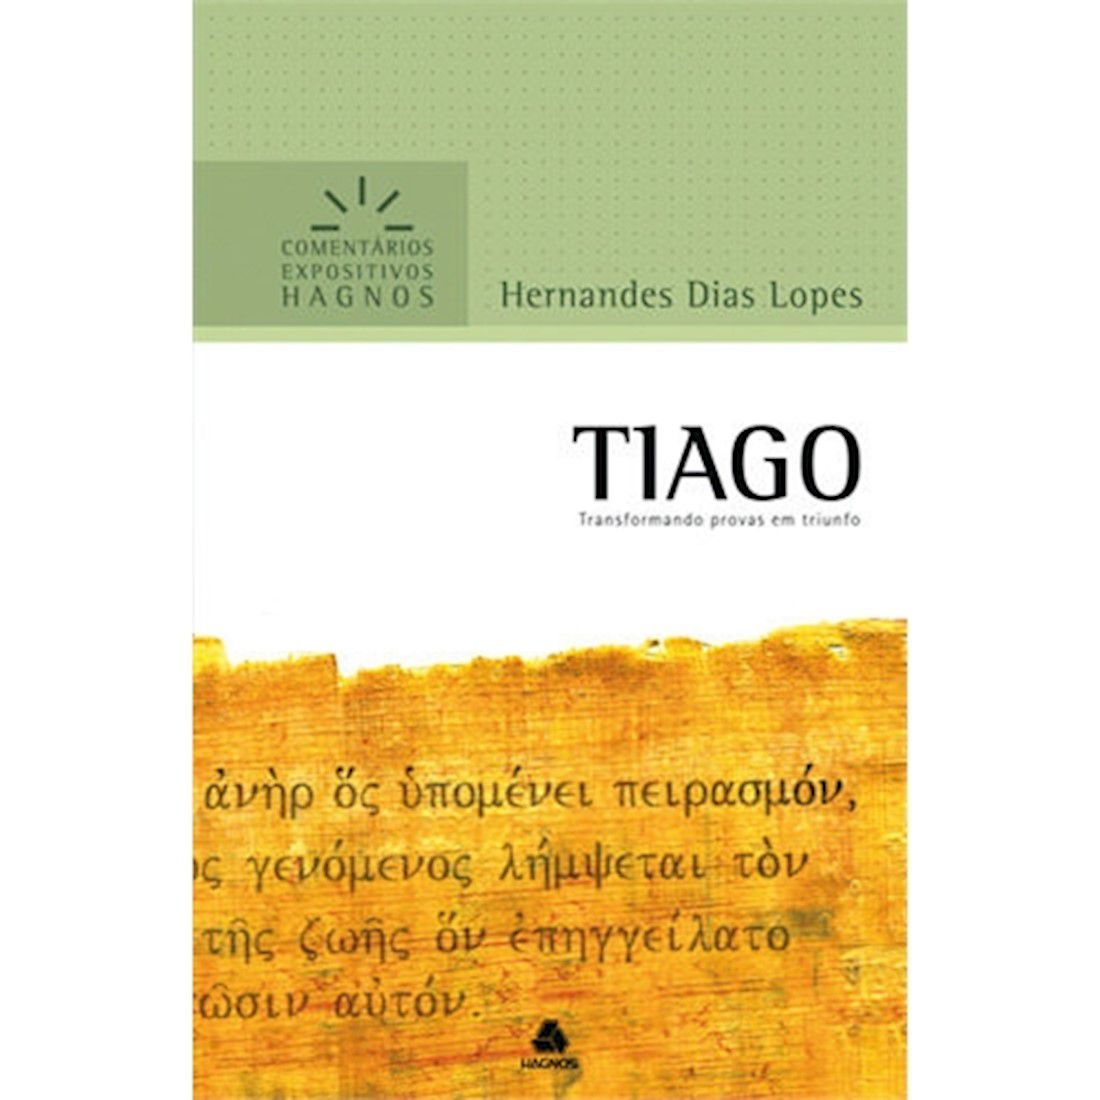 Livro Tiago | Comentários Expositivos Hagnos